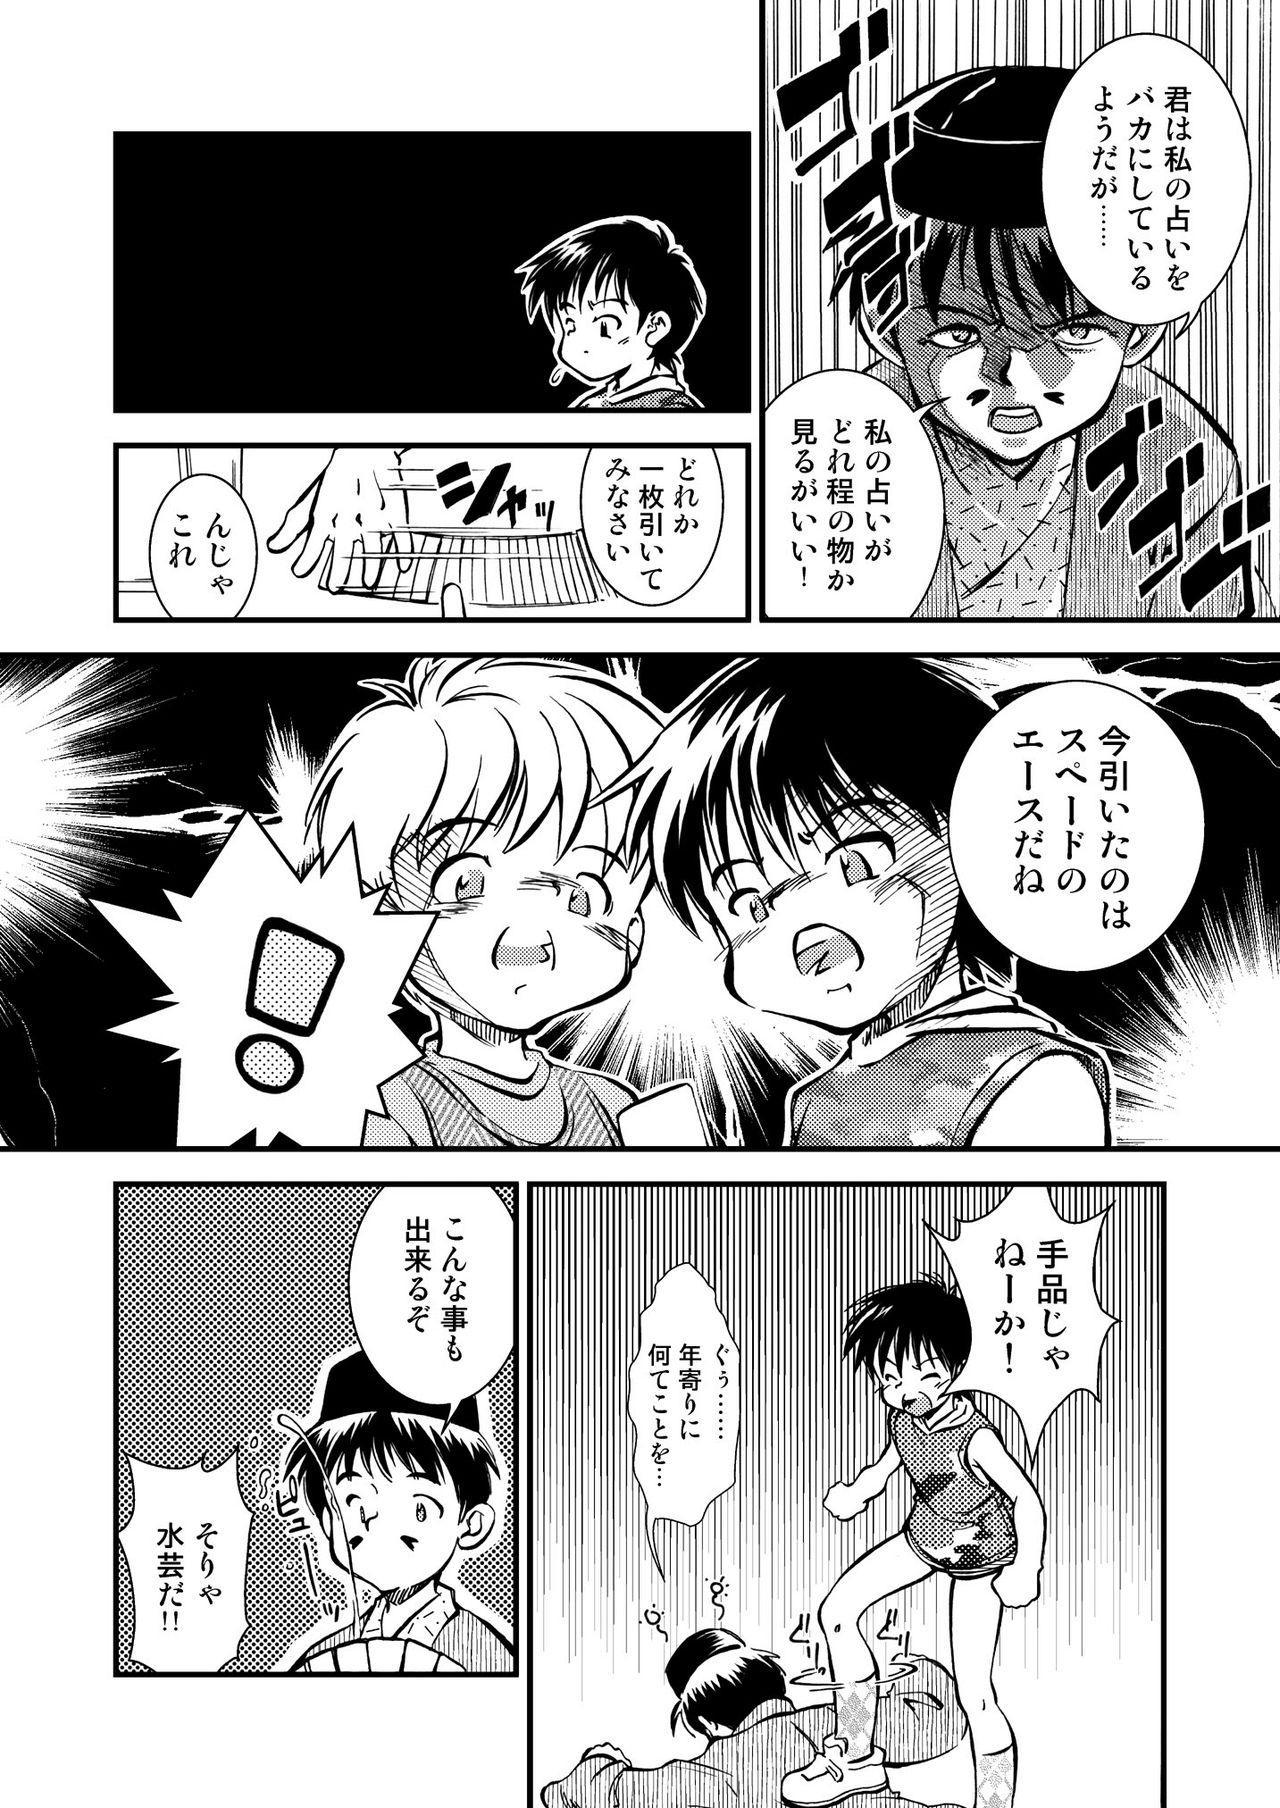 Shinjiru Koto kara Hajimeyou 6